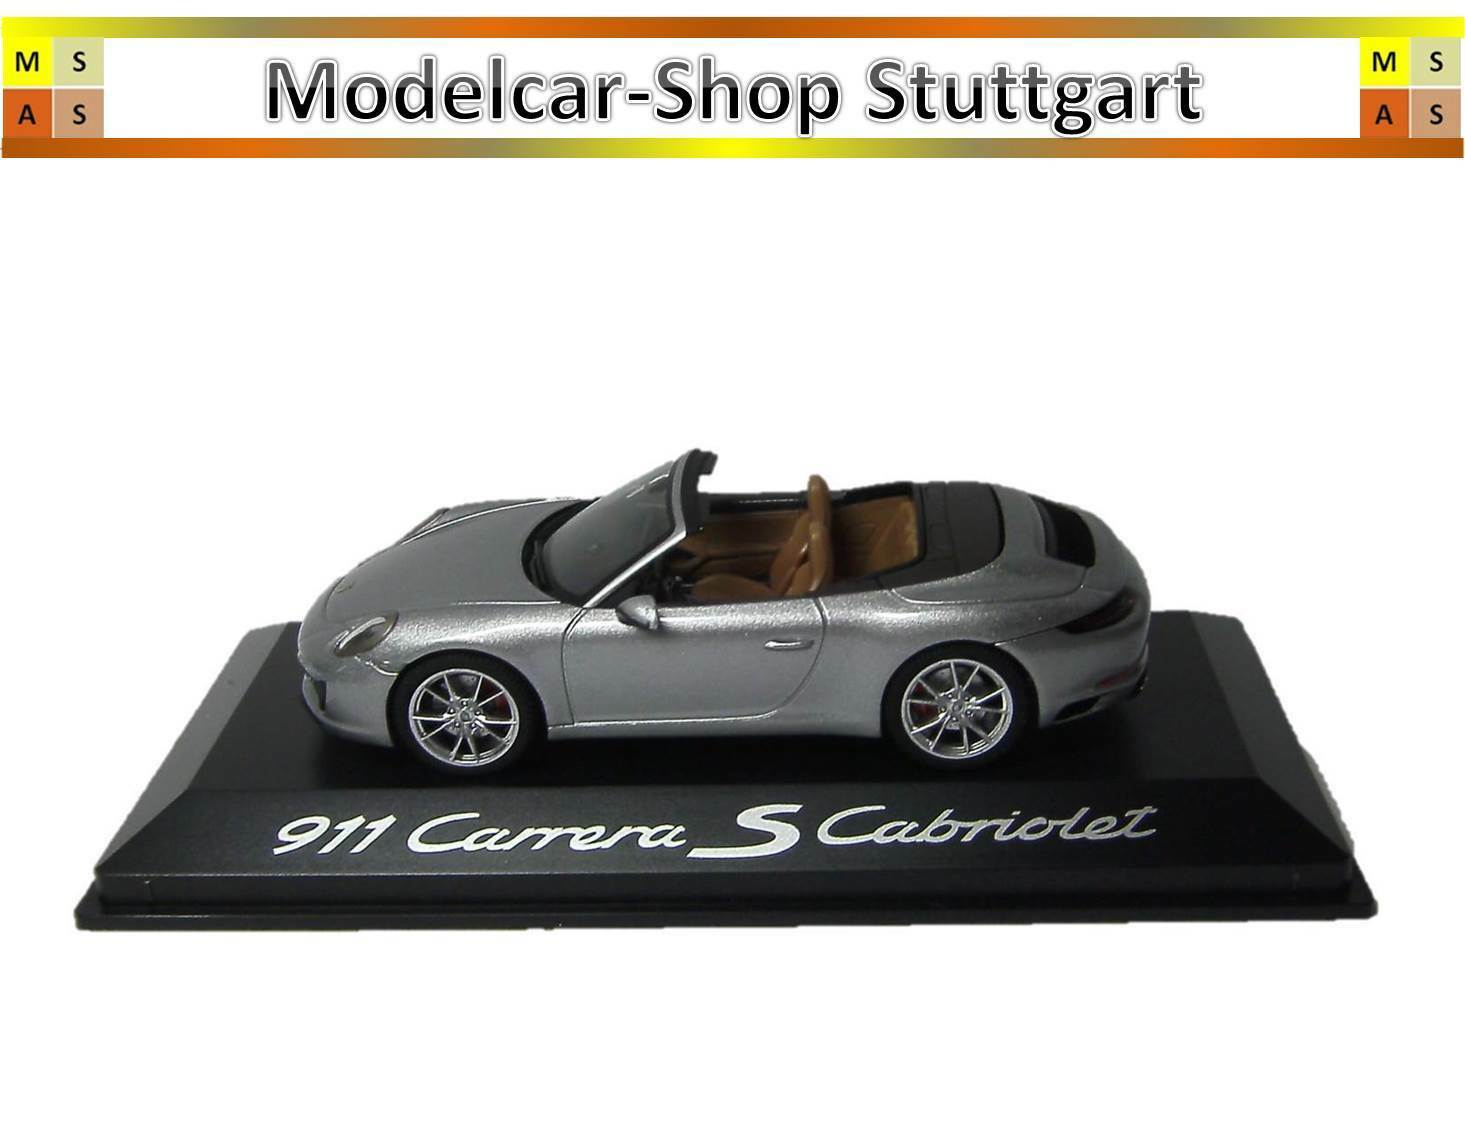 Porsche 911 Carrera S Cabriolet silber 2015 Herpa 1 43 WAP0201260G neu